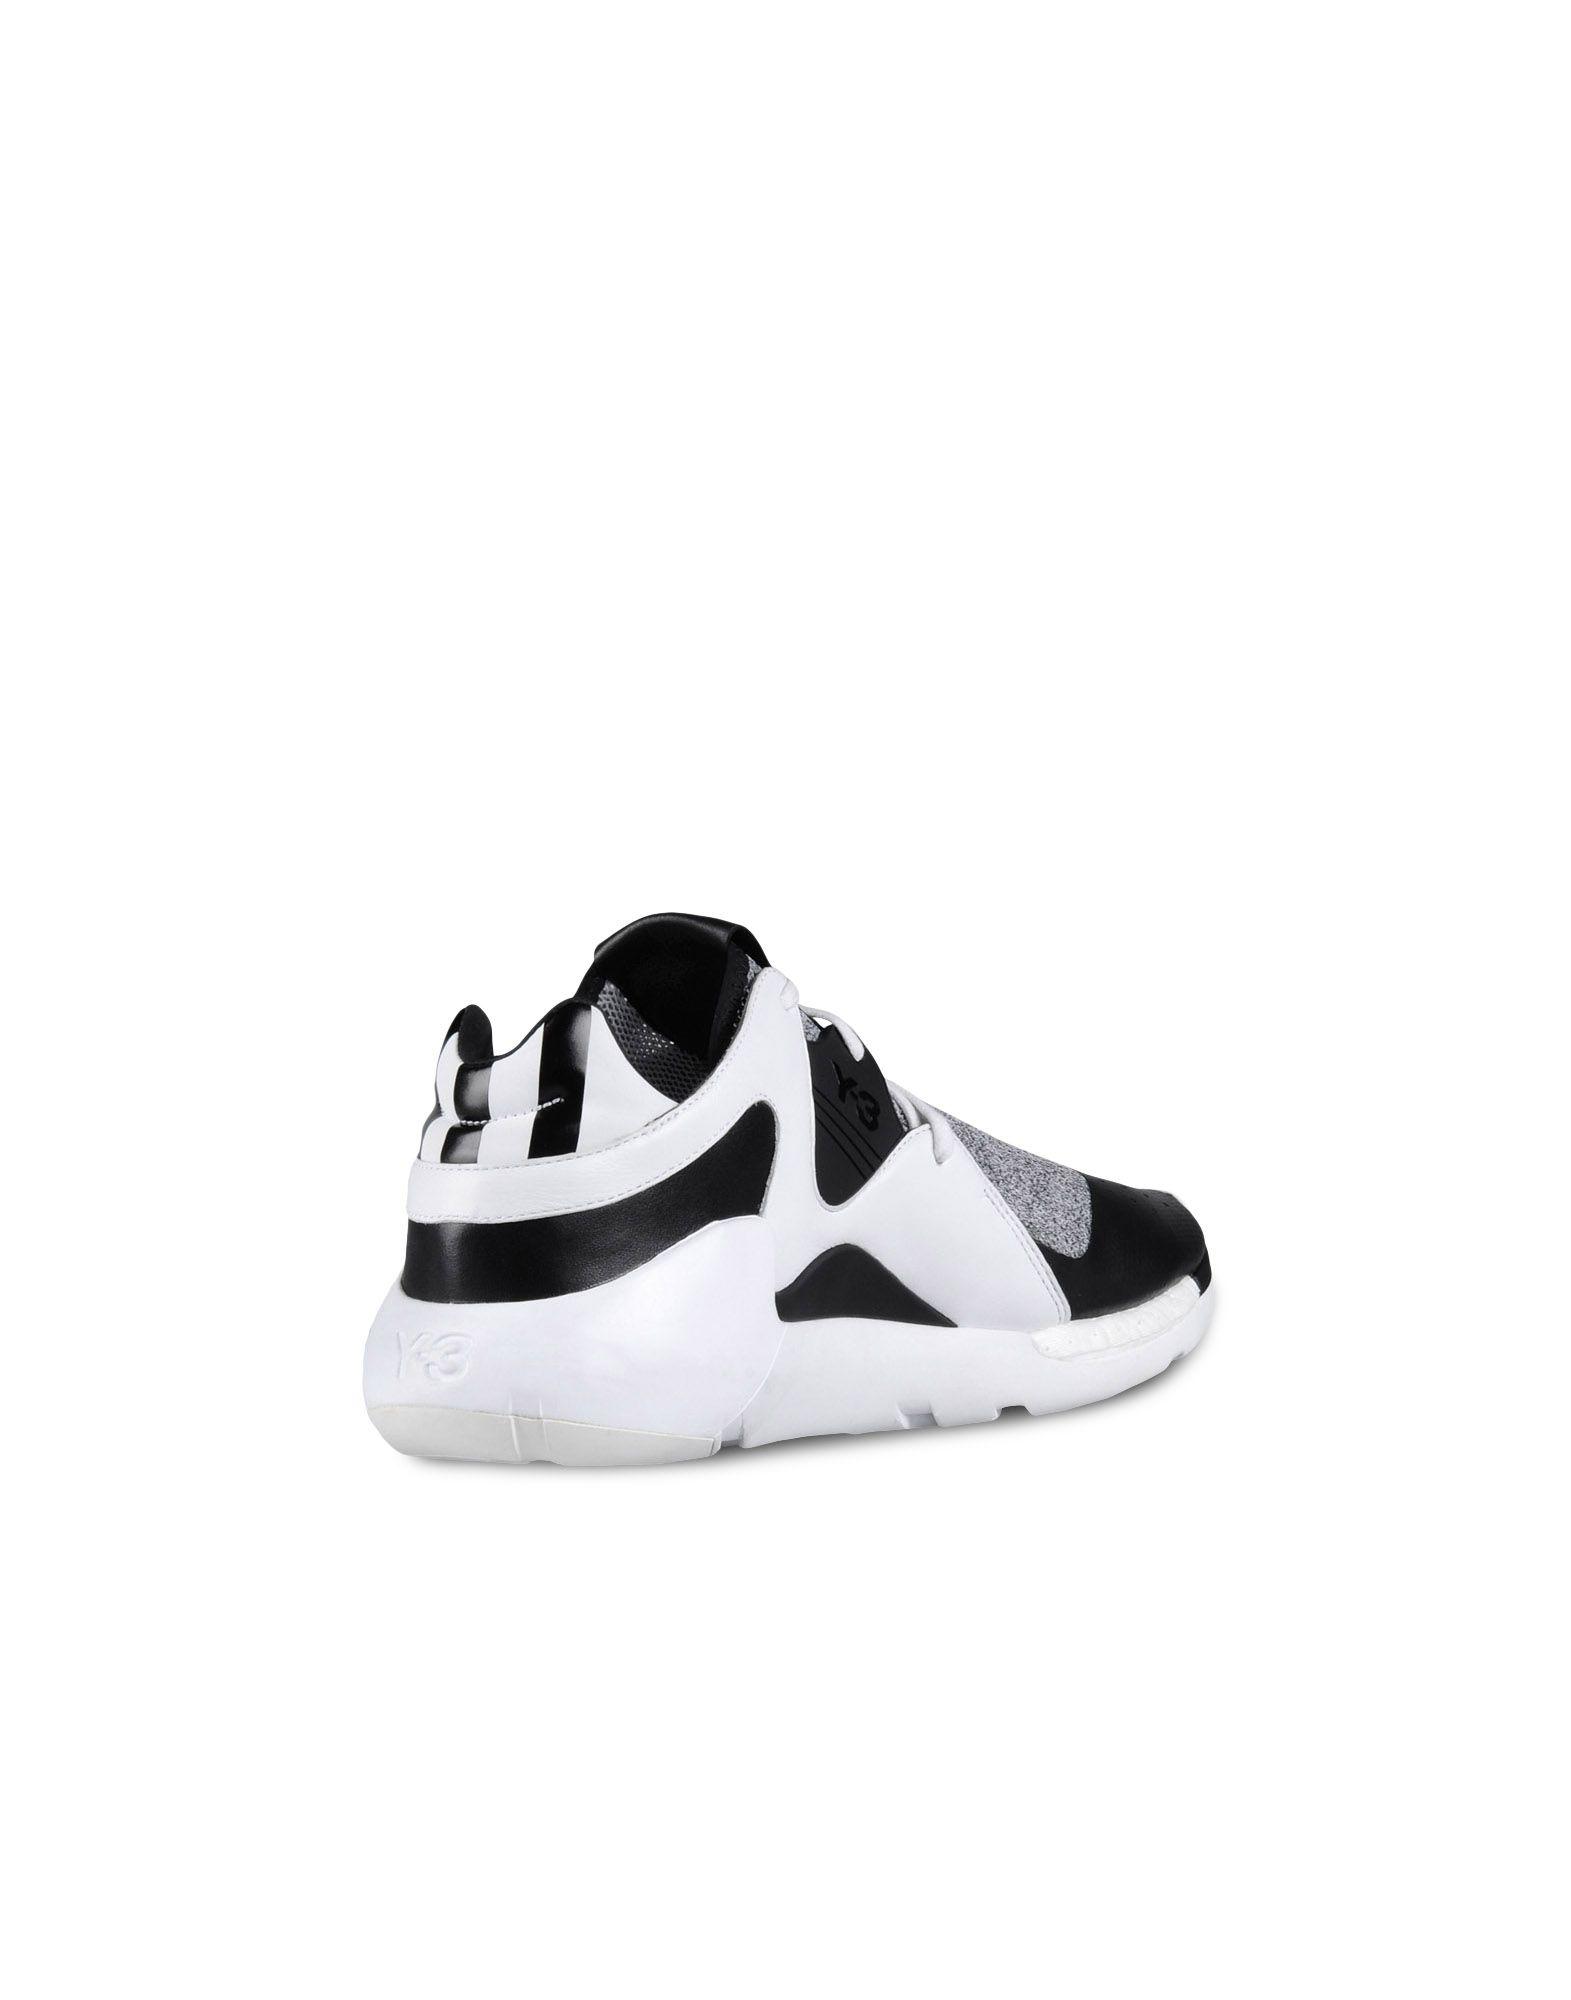 bb15ba98b4f43 ... Y-3 Y-3 QR RUN Sneakers Man ...